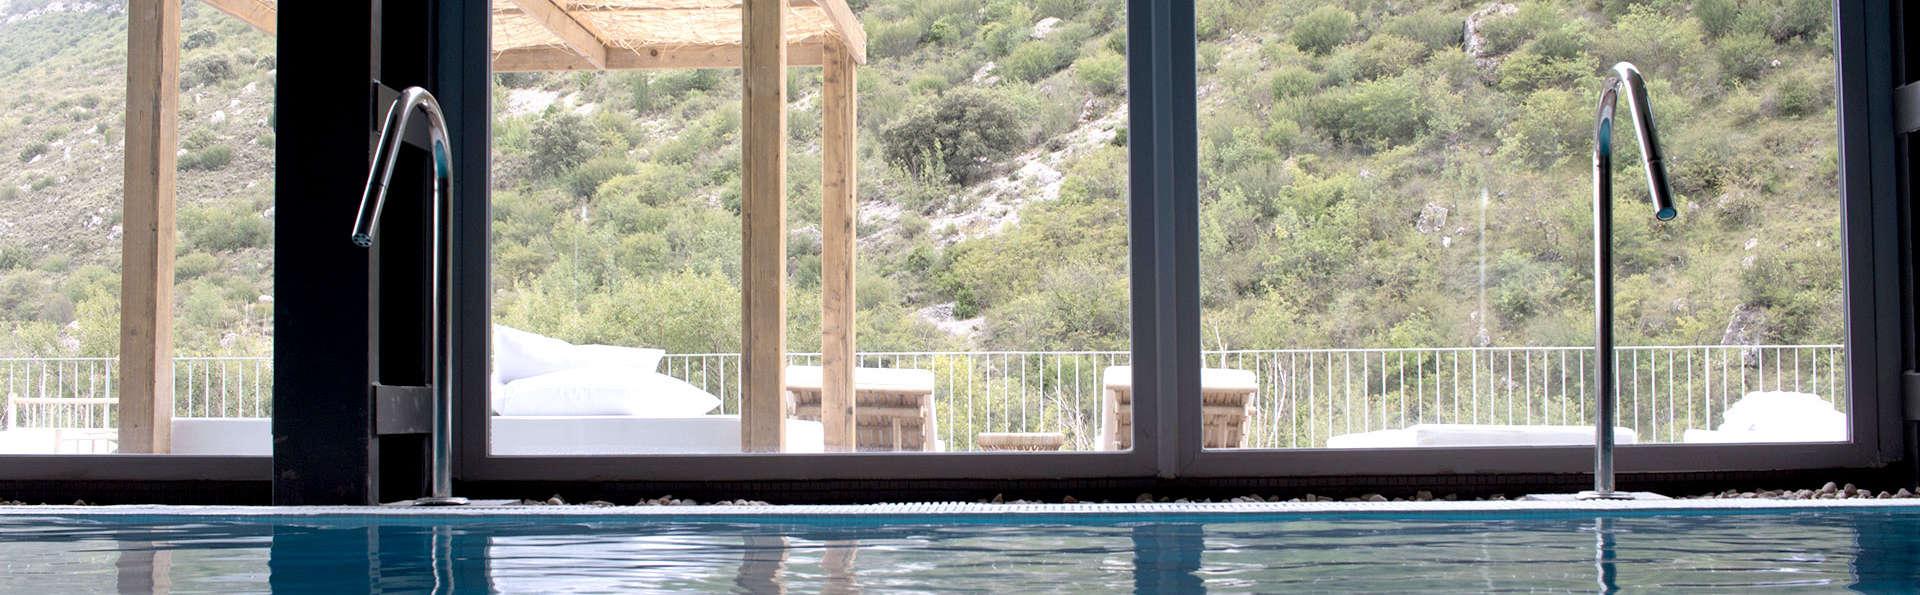 Relax total en un exclusivo balneario 5* con masaje, circuito termal y cóctel